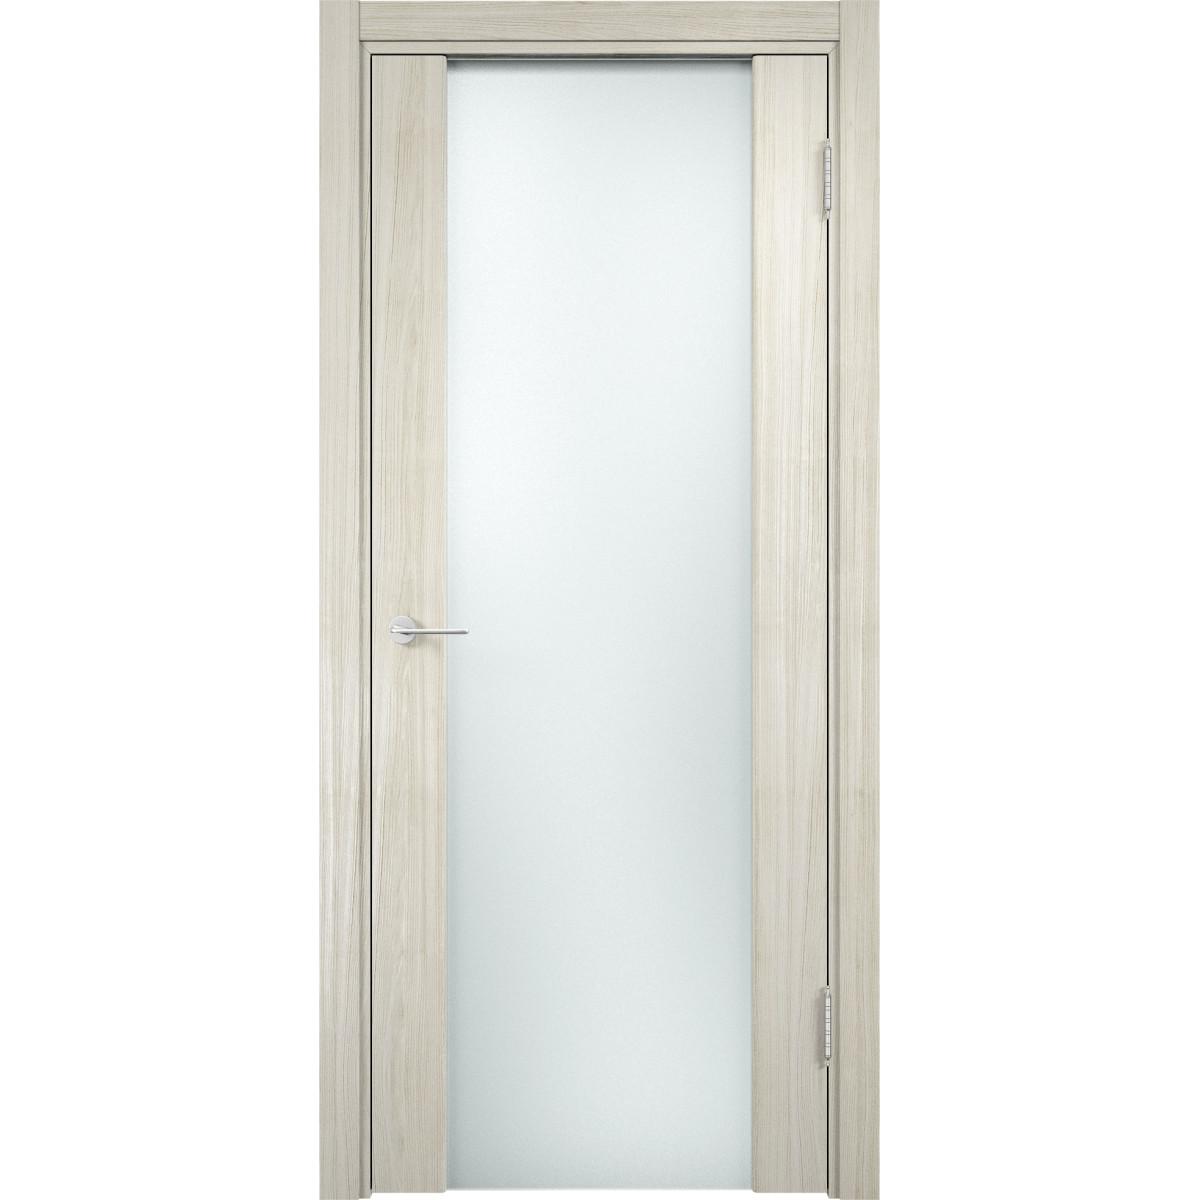 Дверное полотно Casaporte Сан-Ремо МП_0190 2000х900х44 мм МДФ